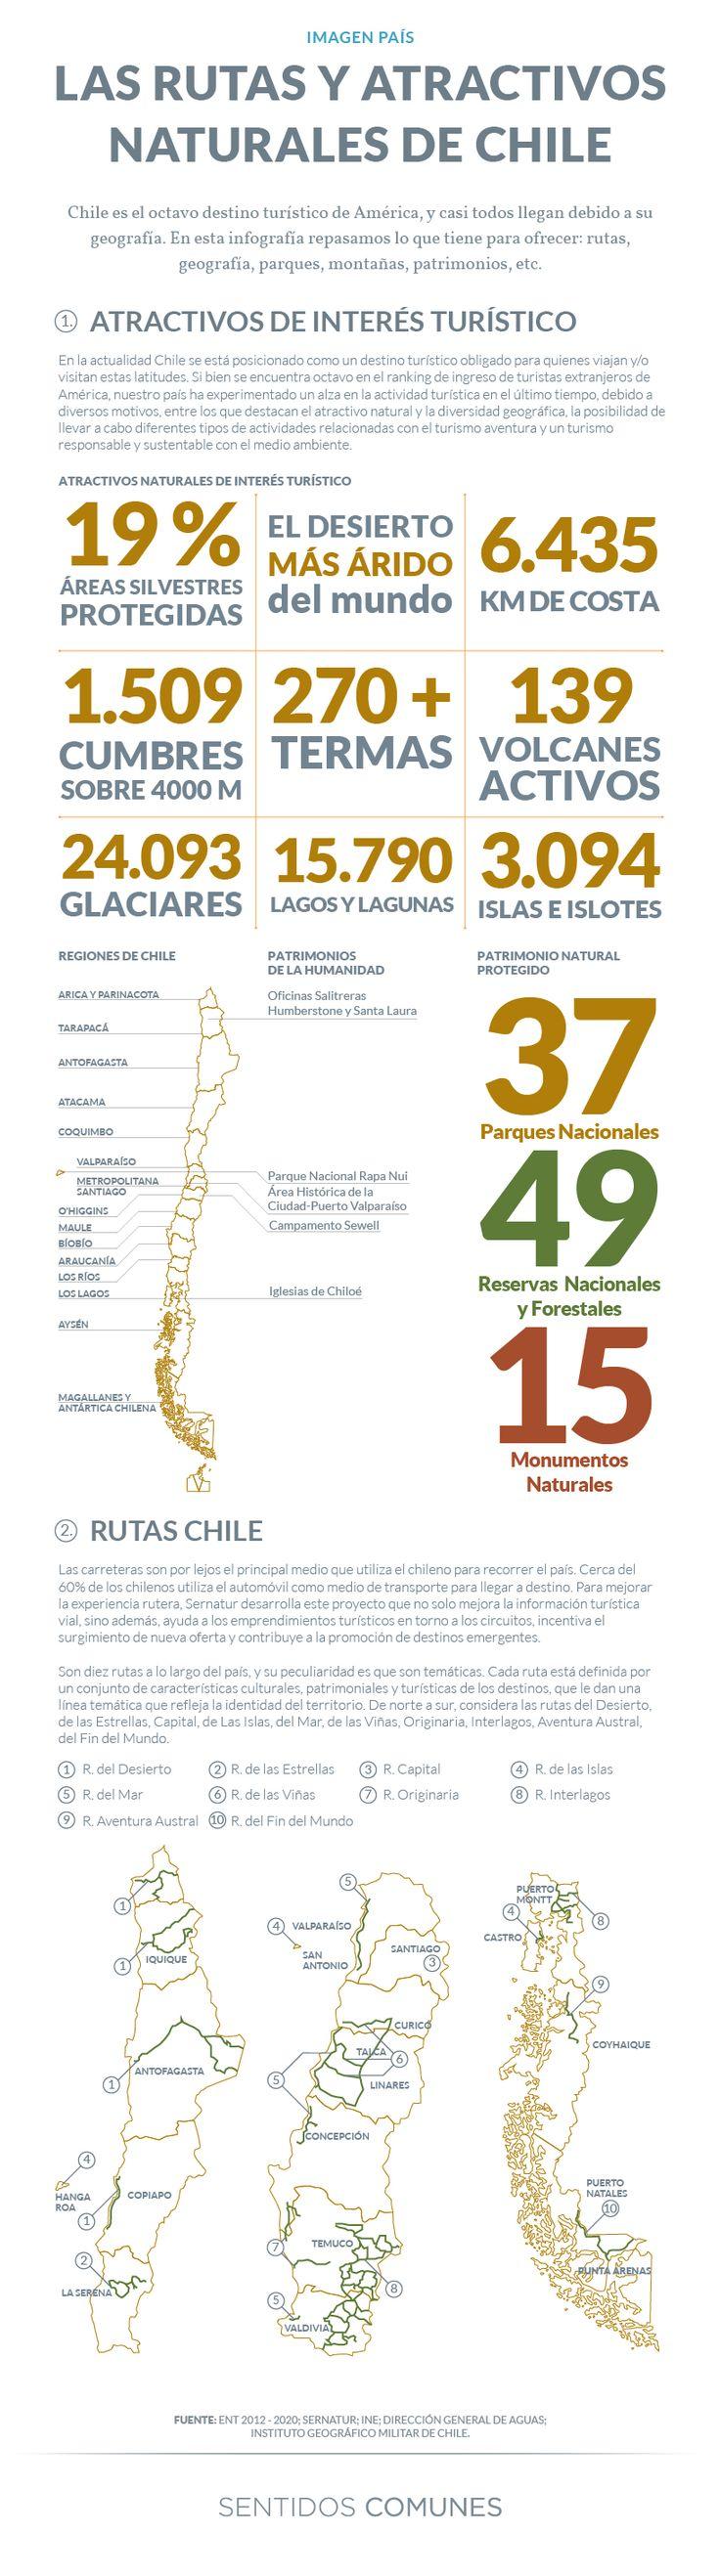 Rutas y atractivos naturales de Chile Source: http://www.sentidoscomunes.cl/las-rutas-y-atractivos-naturales-de-chile/ Añadiríamos empleo... #infografia #infographic #tourism